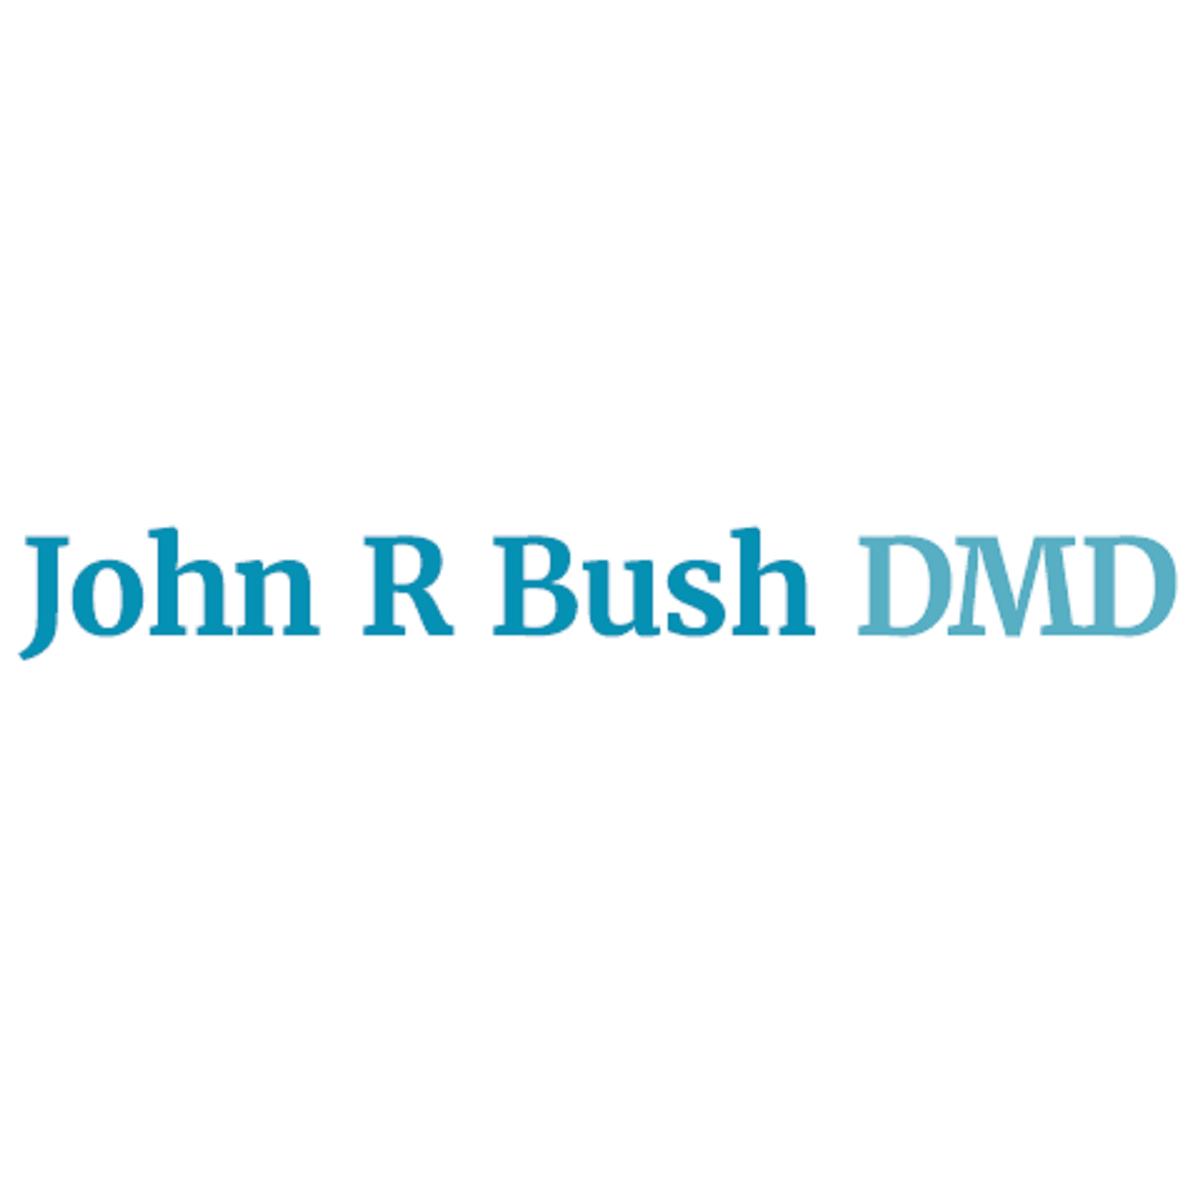 John R Bush DMD image 1